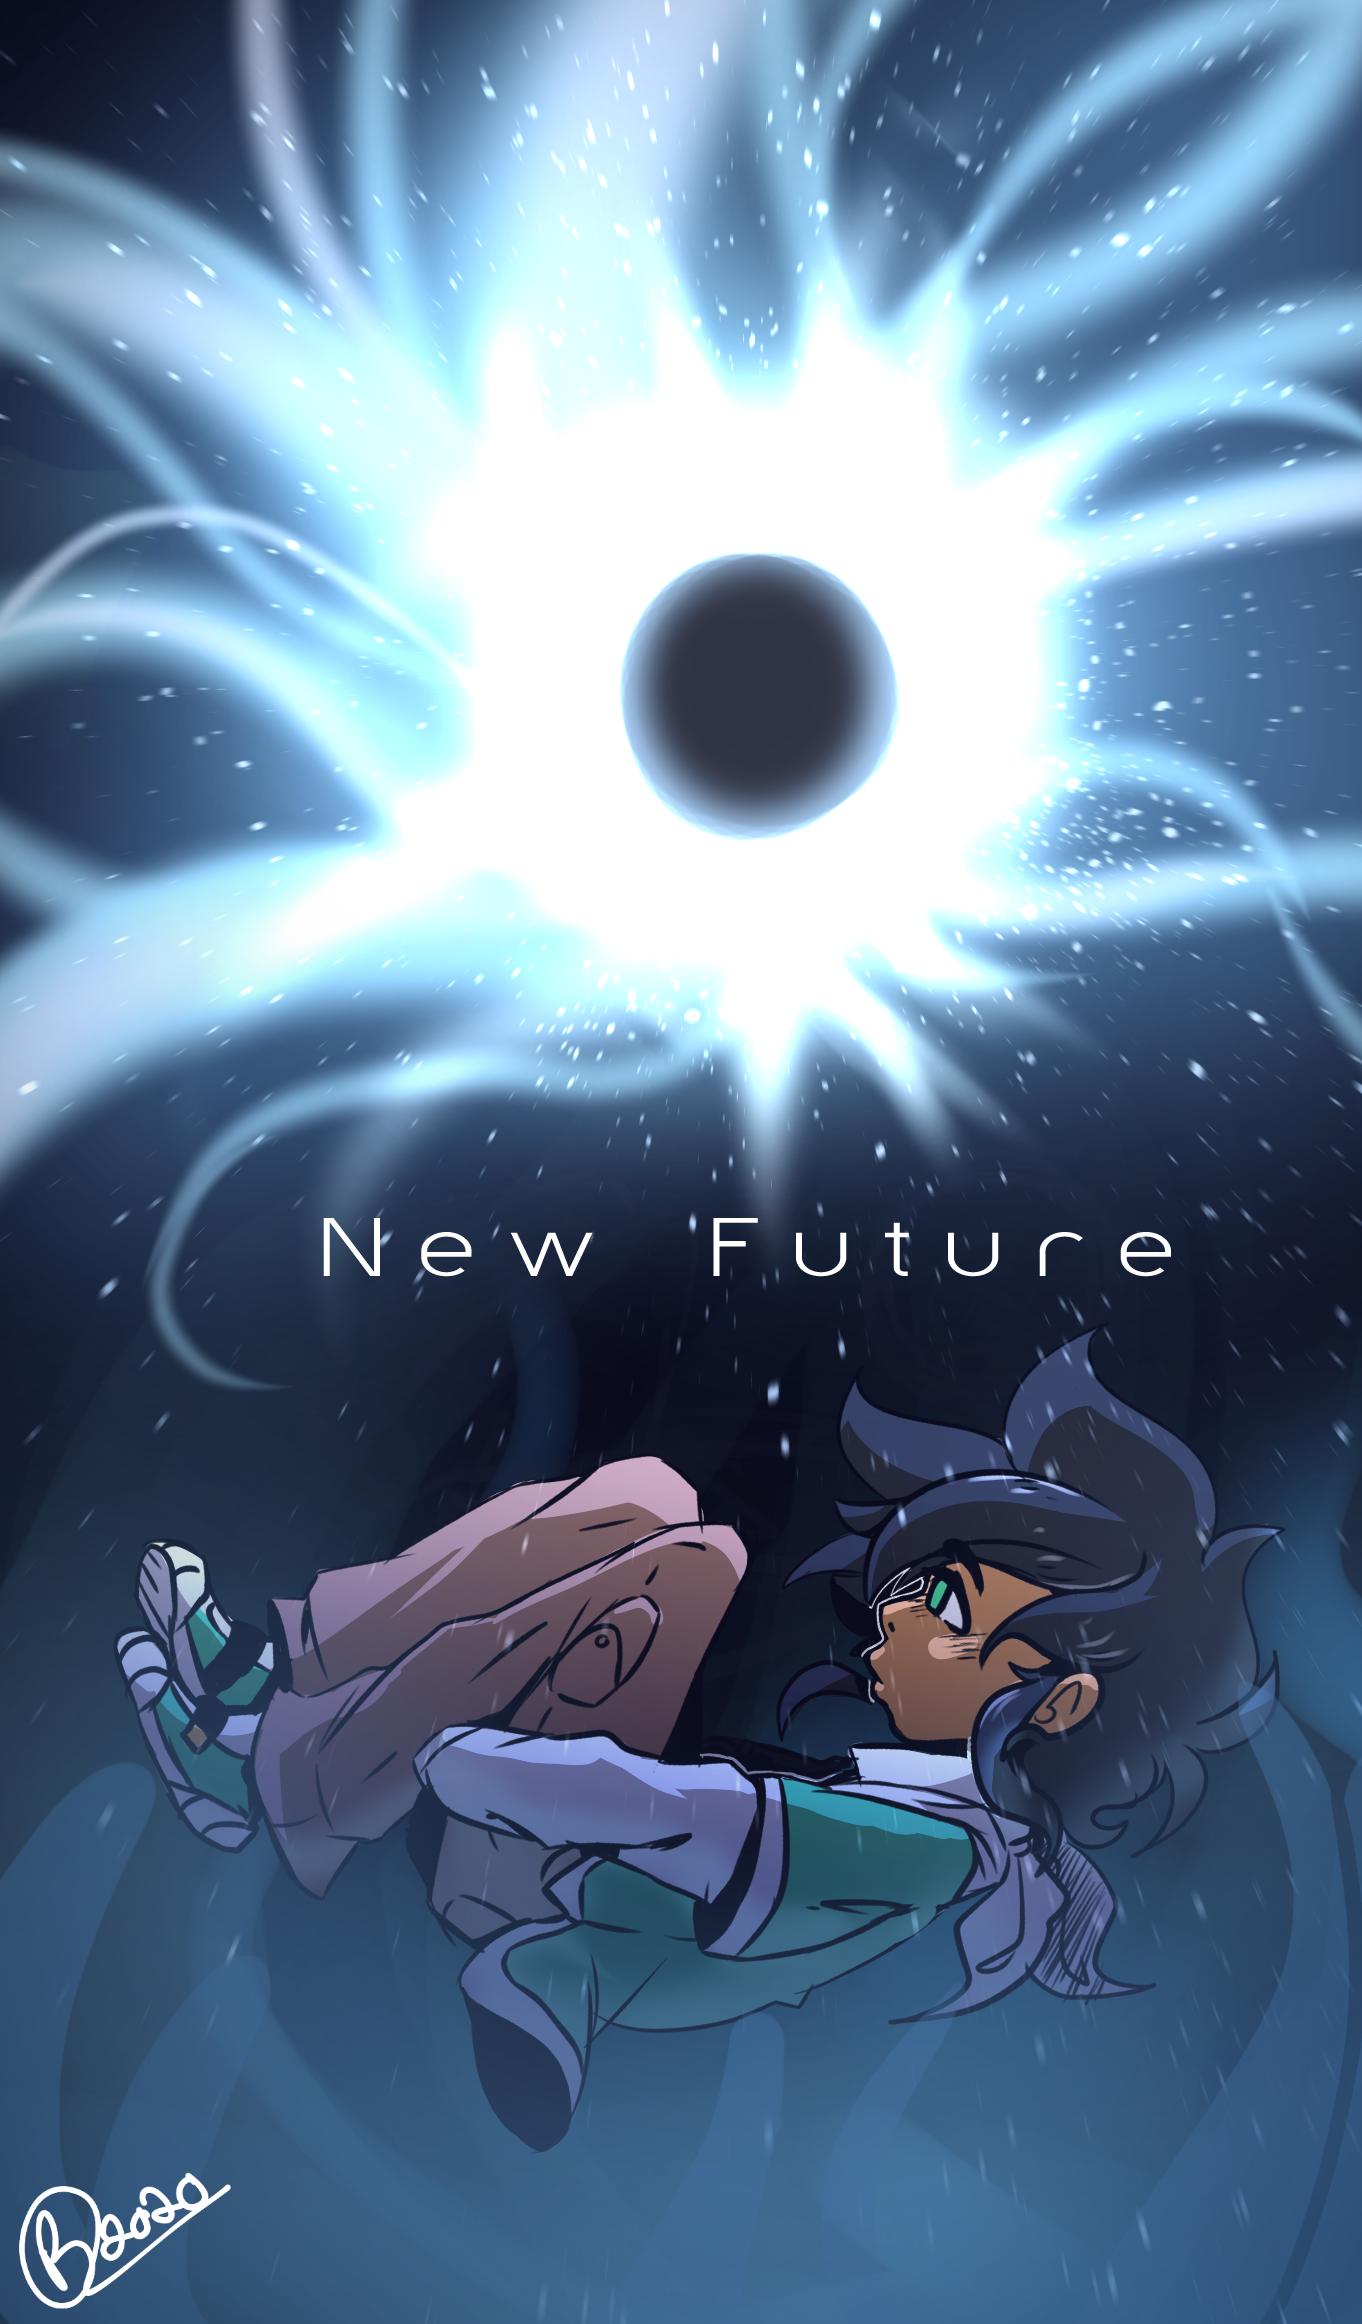 Into A New Future